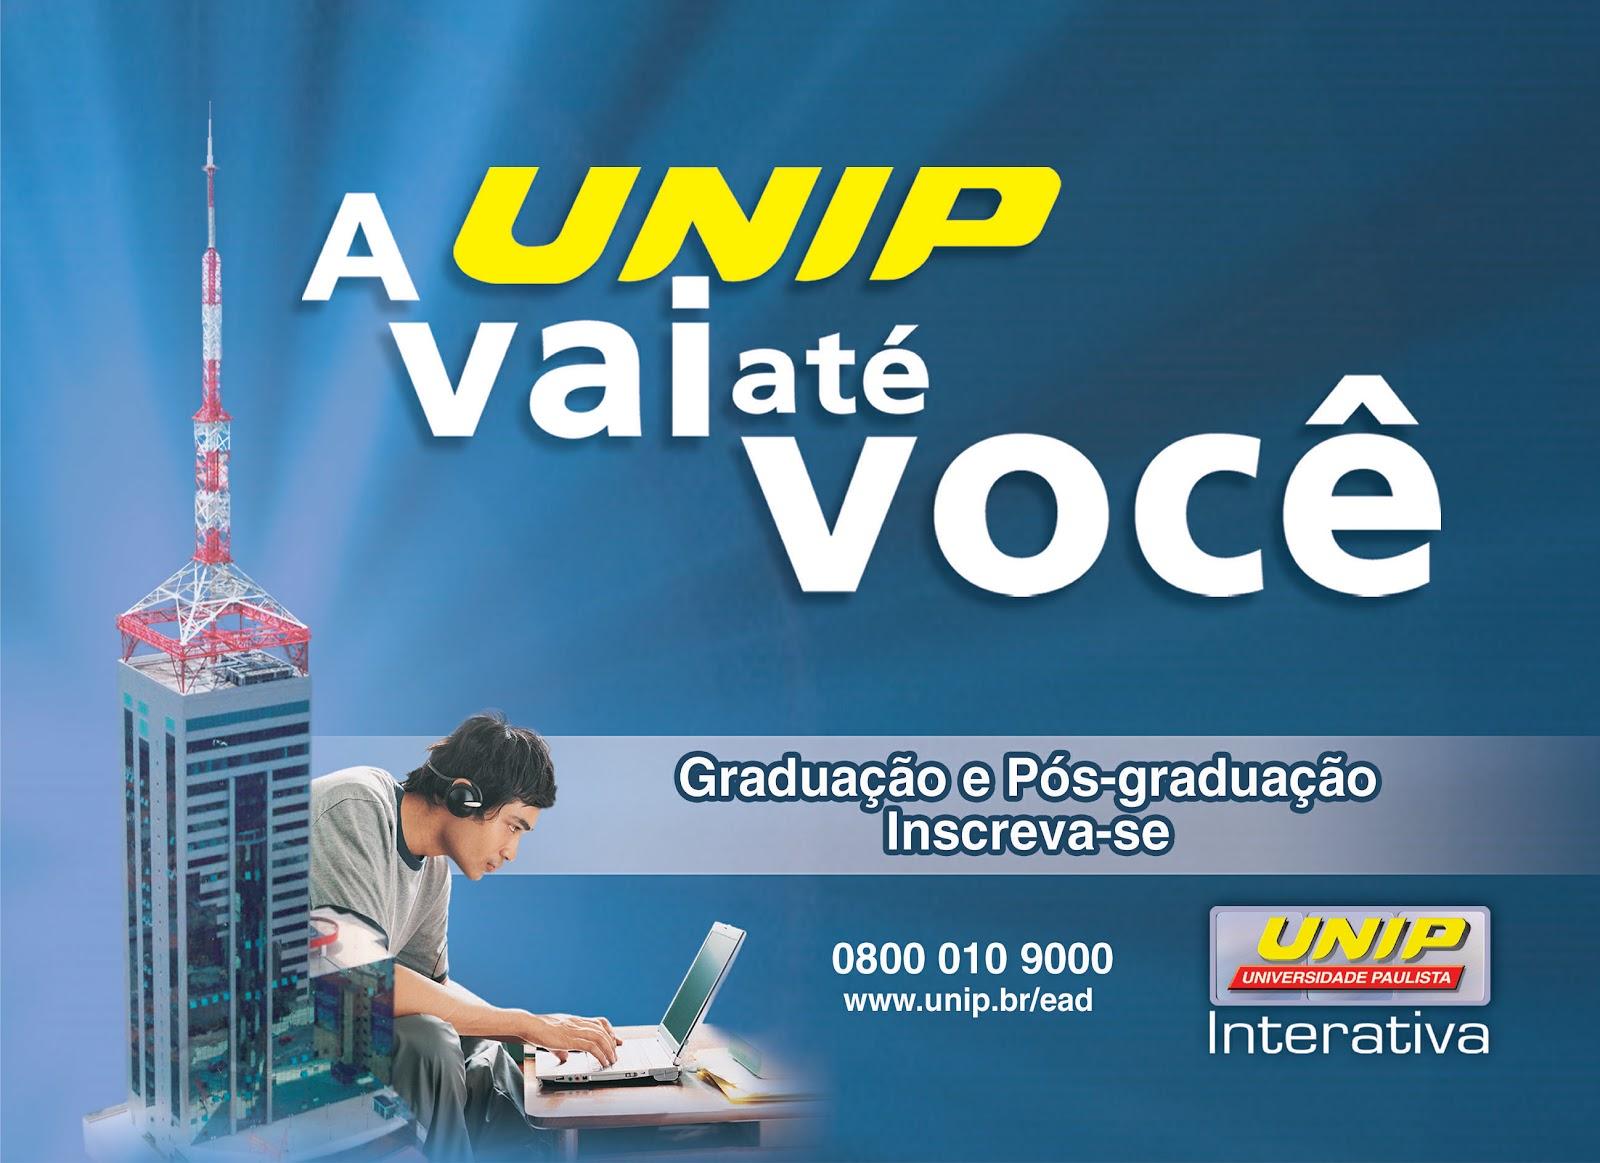 Unip precos cursos